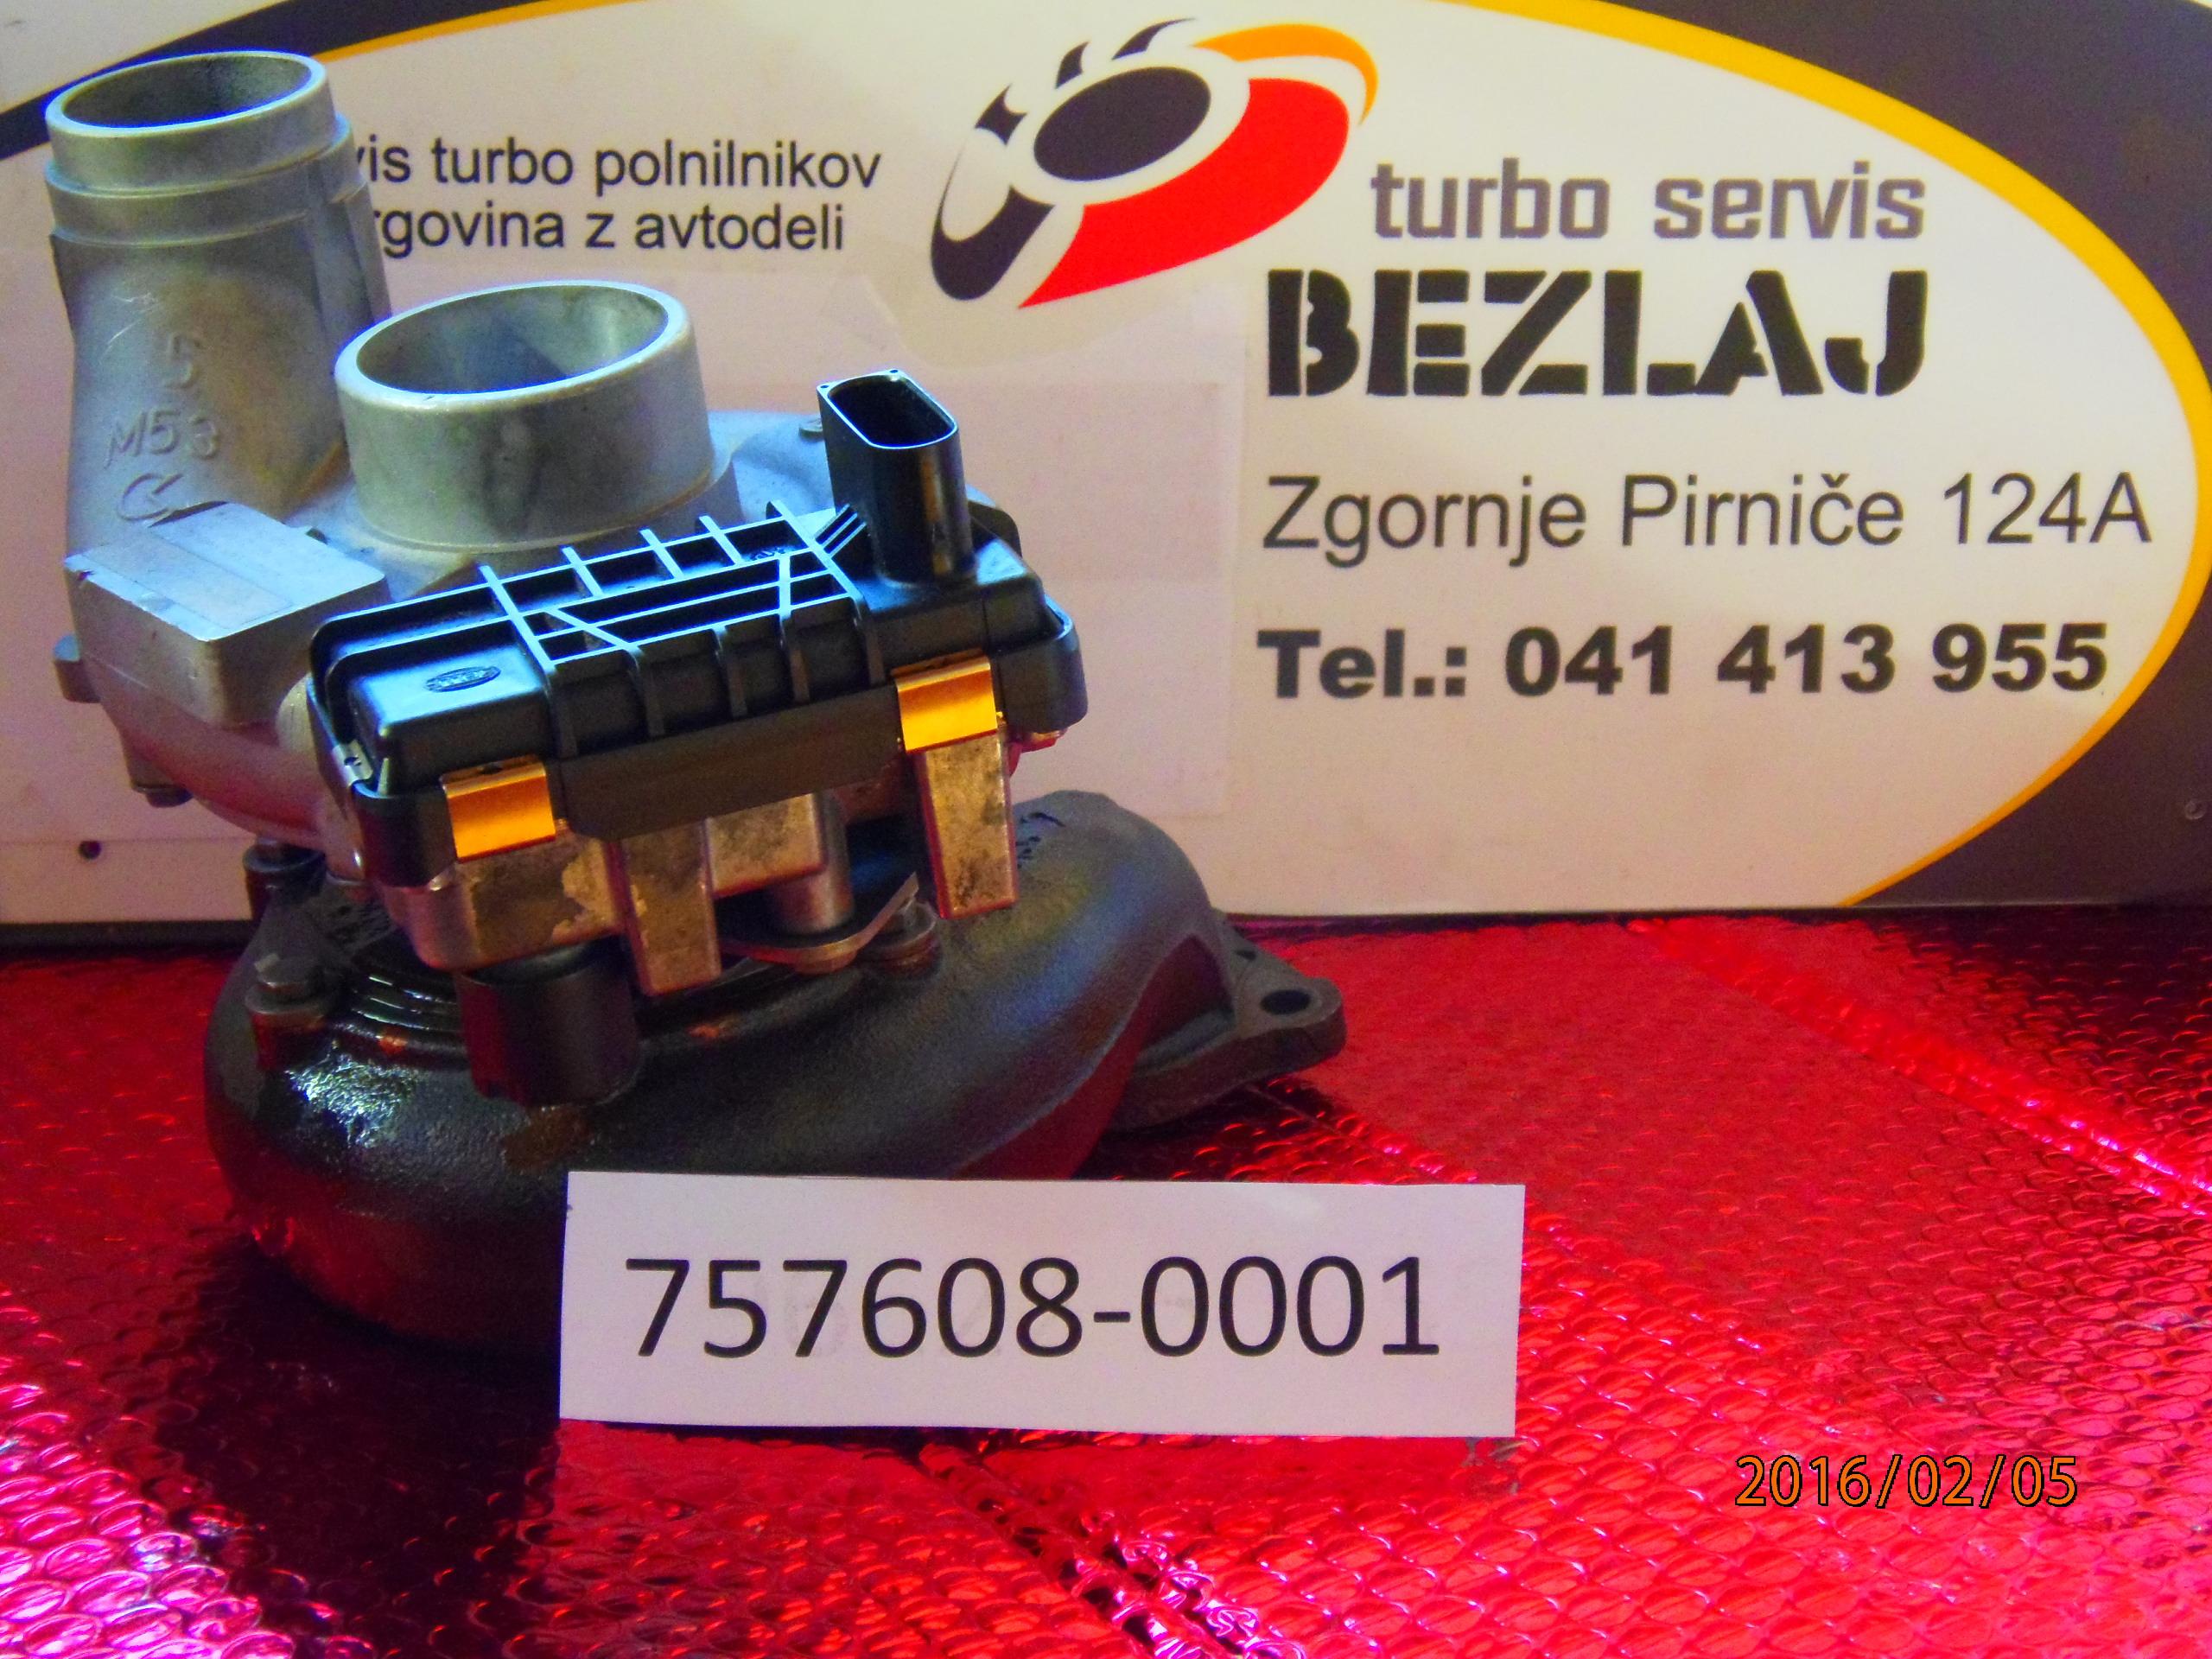 turbo757608-0001